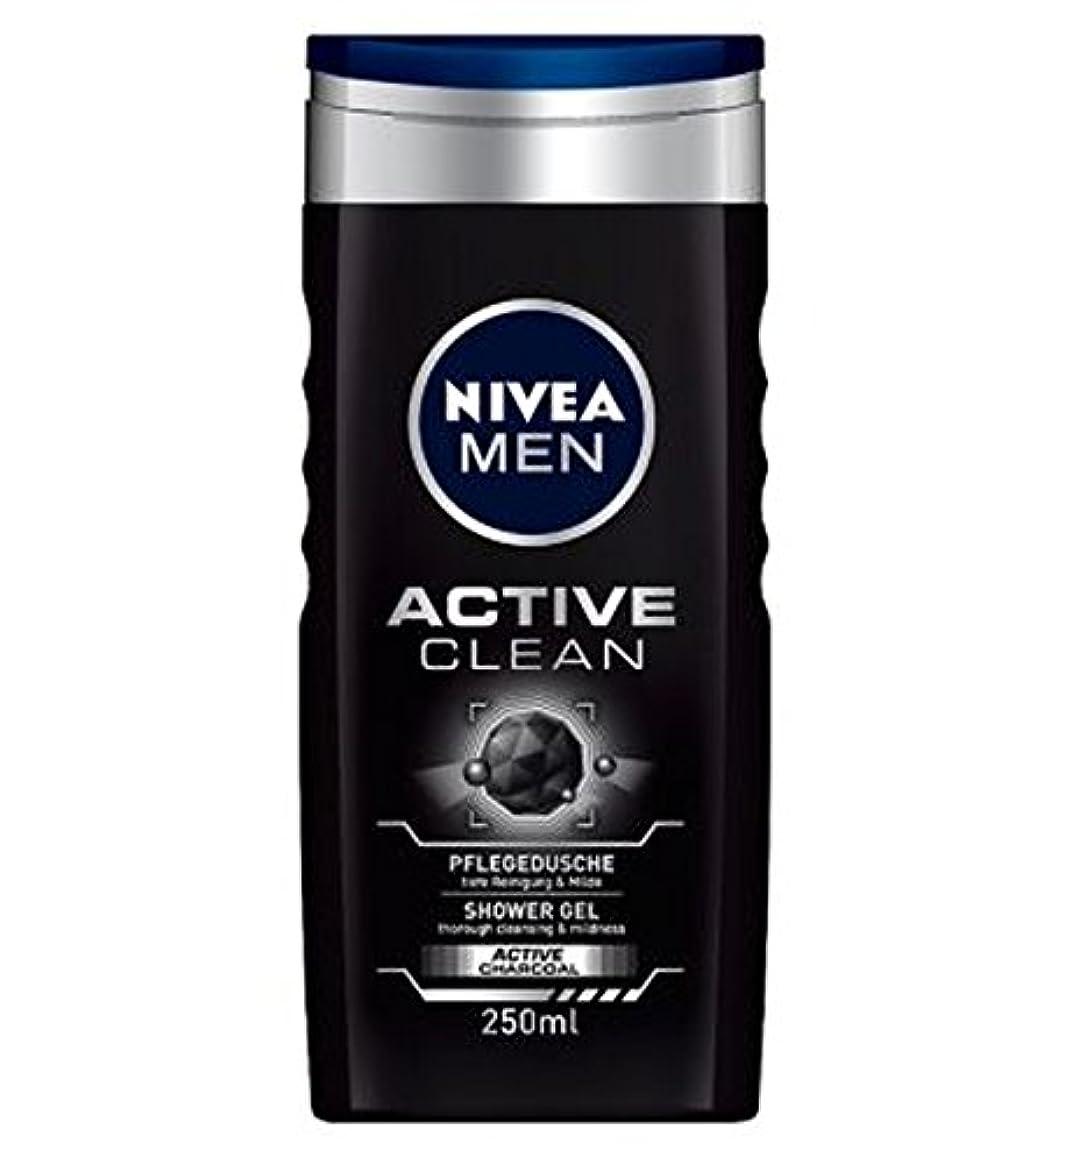 ジーンズ故国統計的ニベアの男性アクティブクリーンシャワージェル250ミリリットル (Nivea) (x2) - NIVEA MEN Active Clean Shower Gel 250ml (Pack of 2) [並行輸入品]